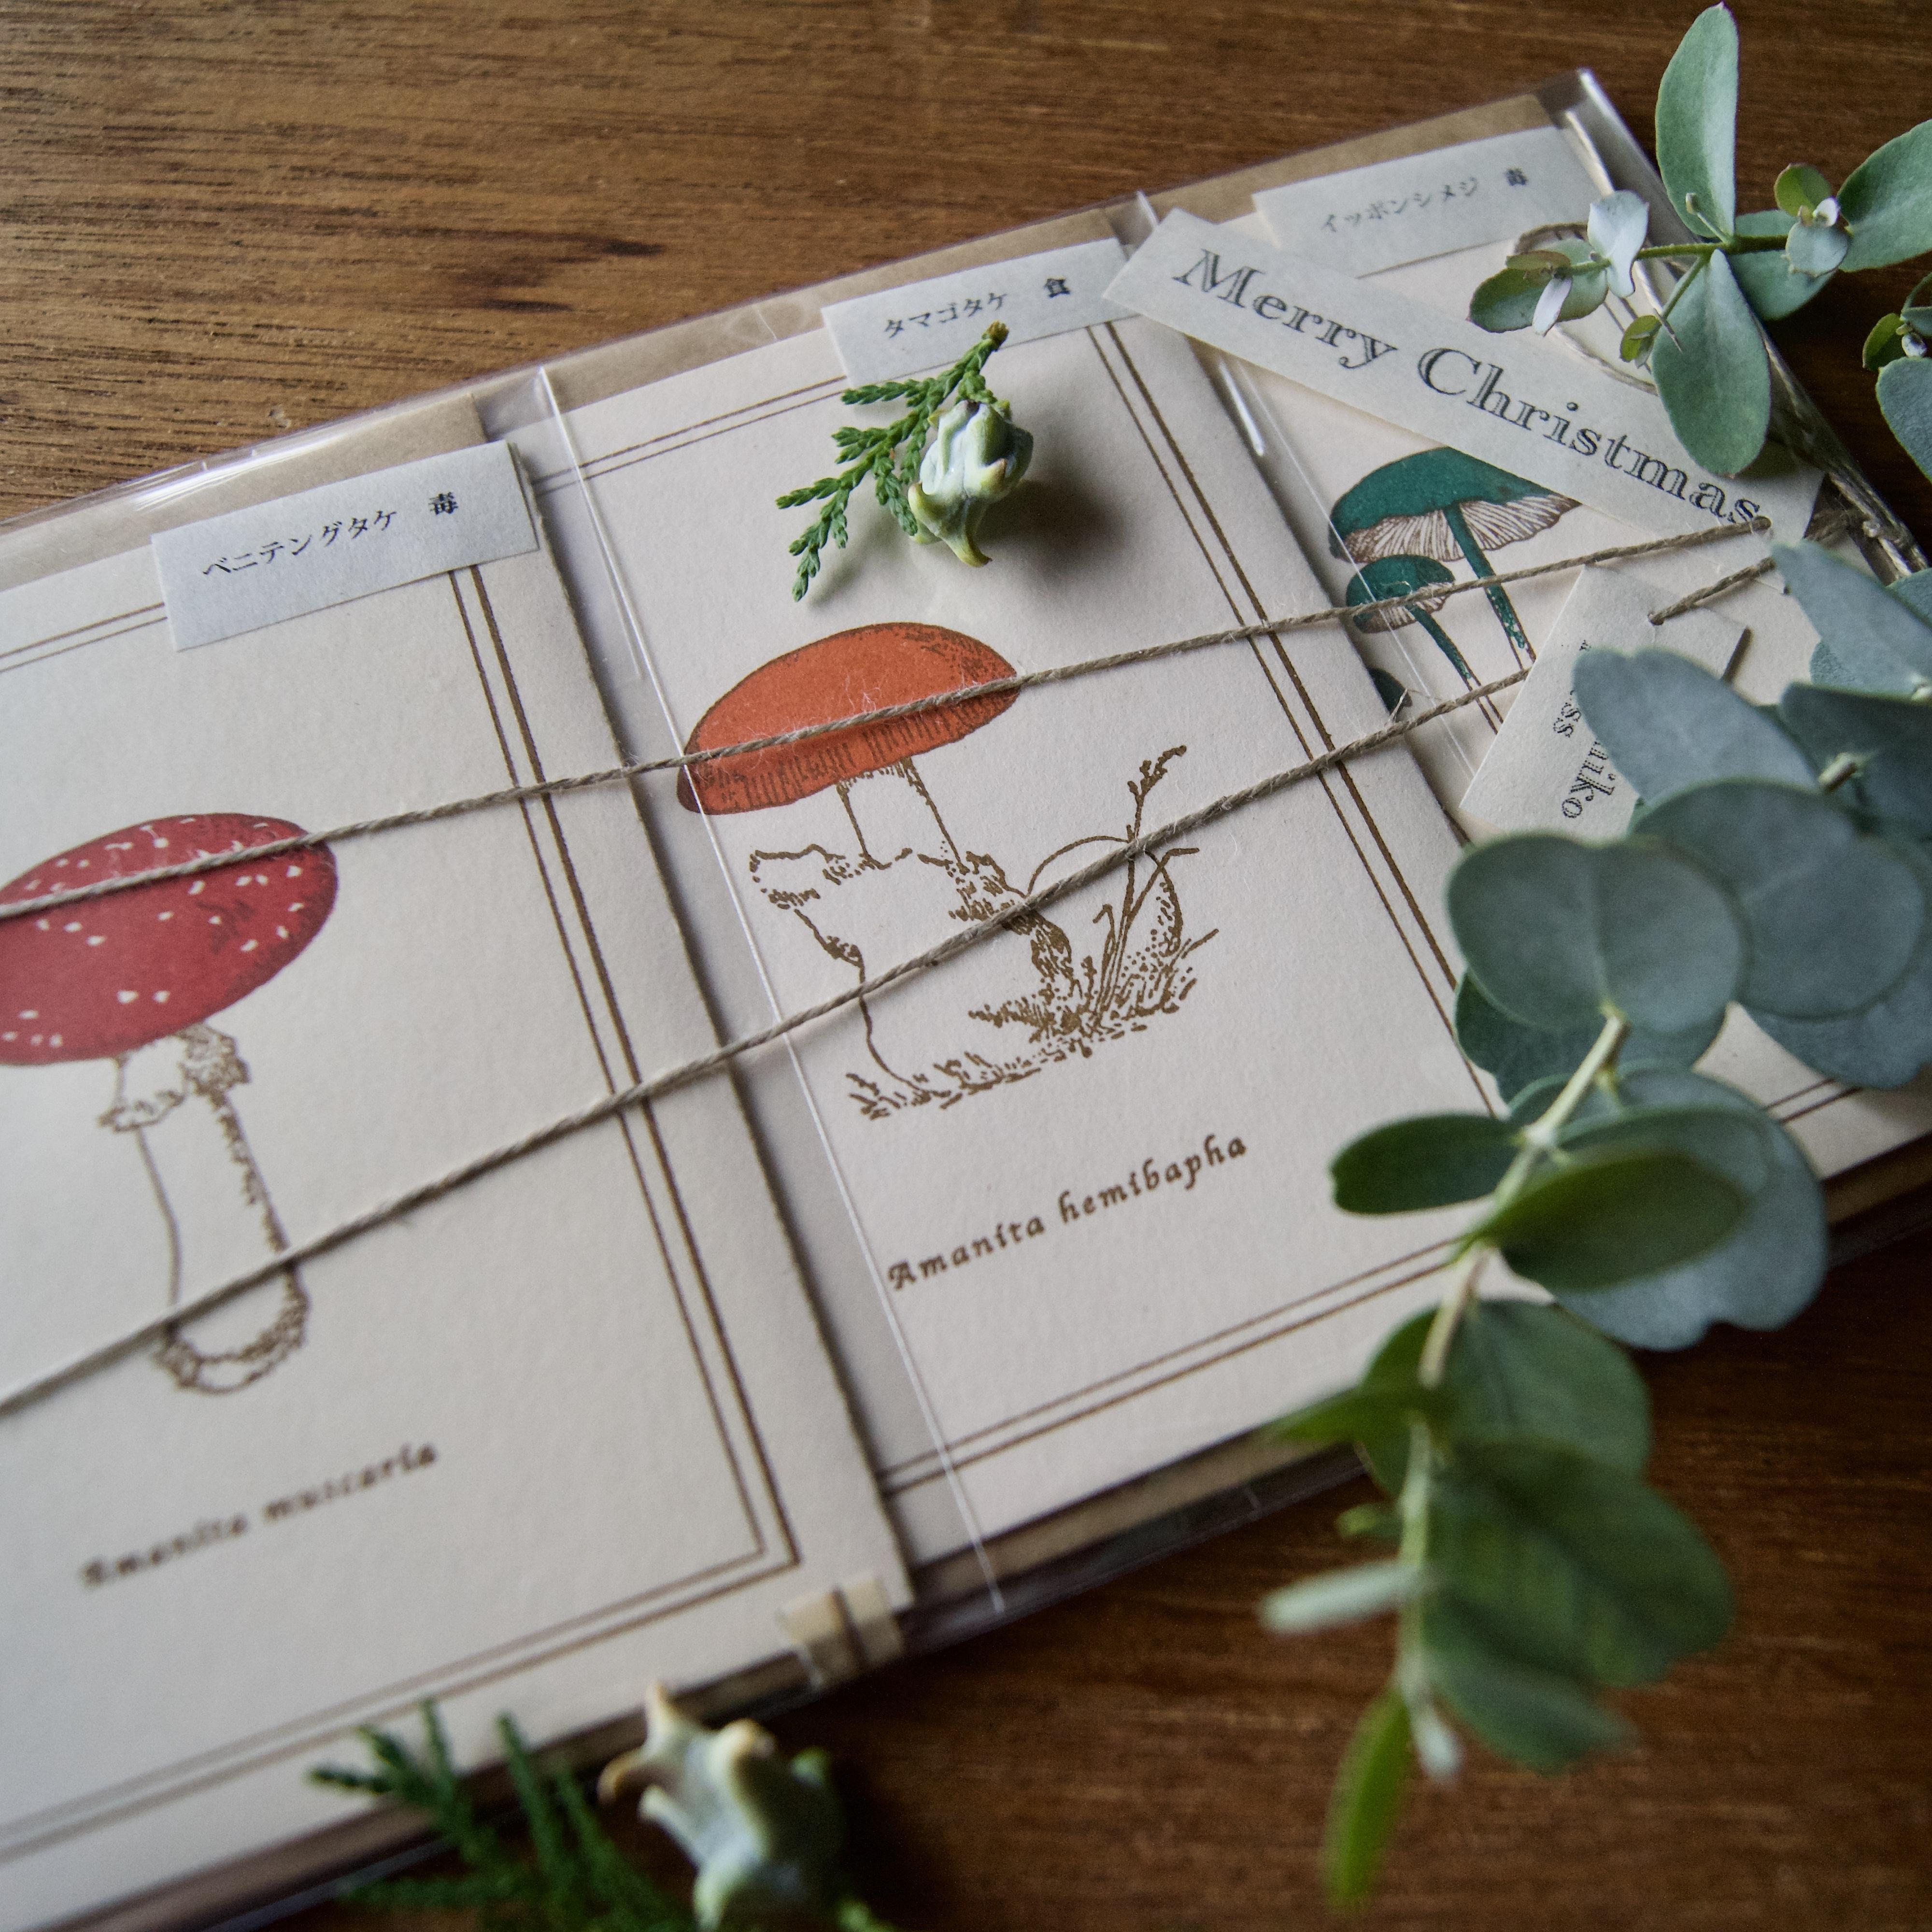 【クリスマスwrapping】森のキノコ / カード3枚+封筒3枚セット/活版印刷